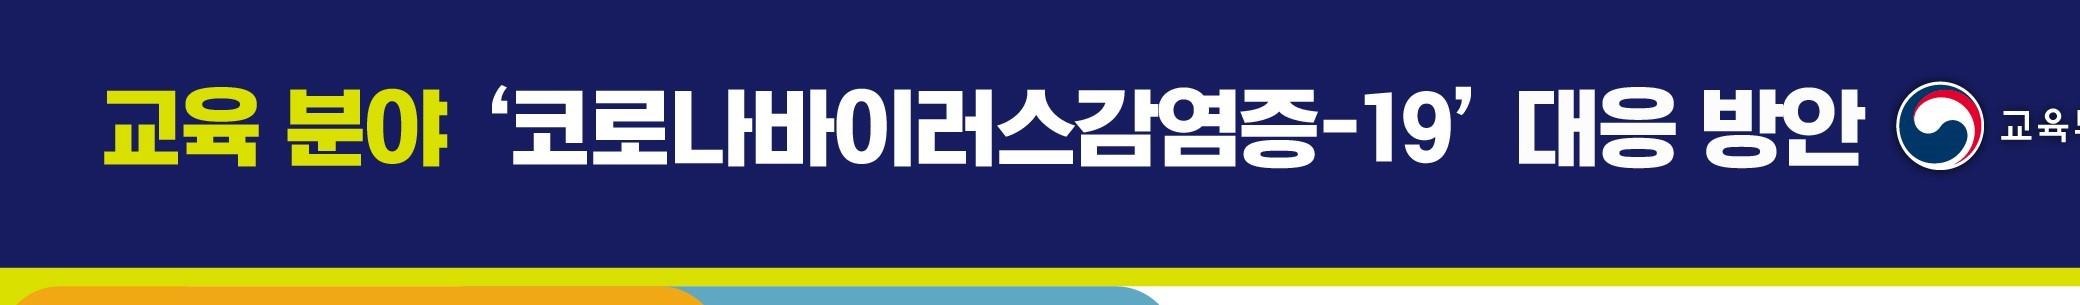 '코로나바이러스감염증-19 대응방안'